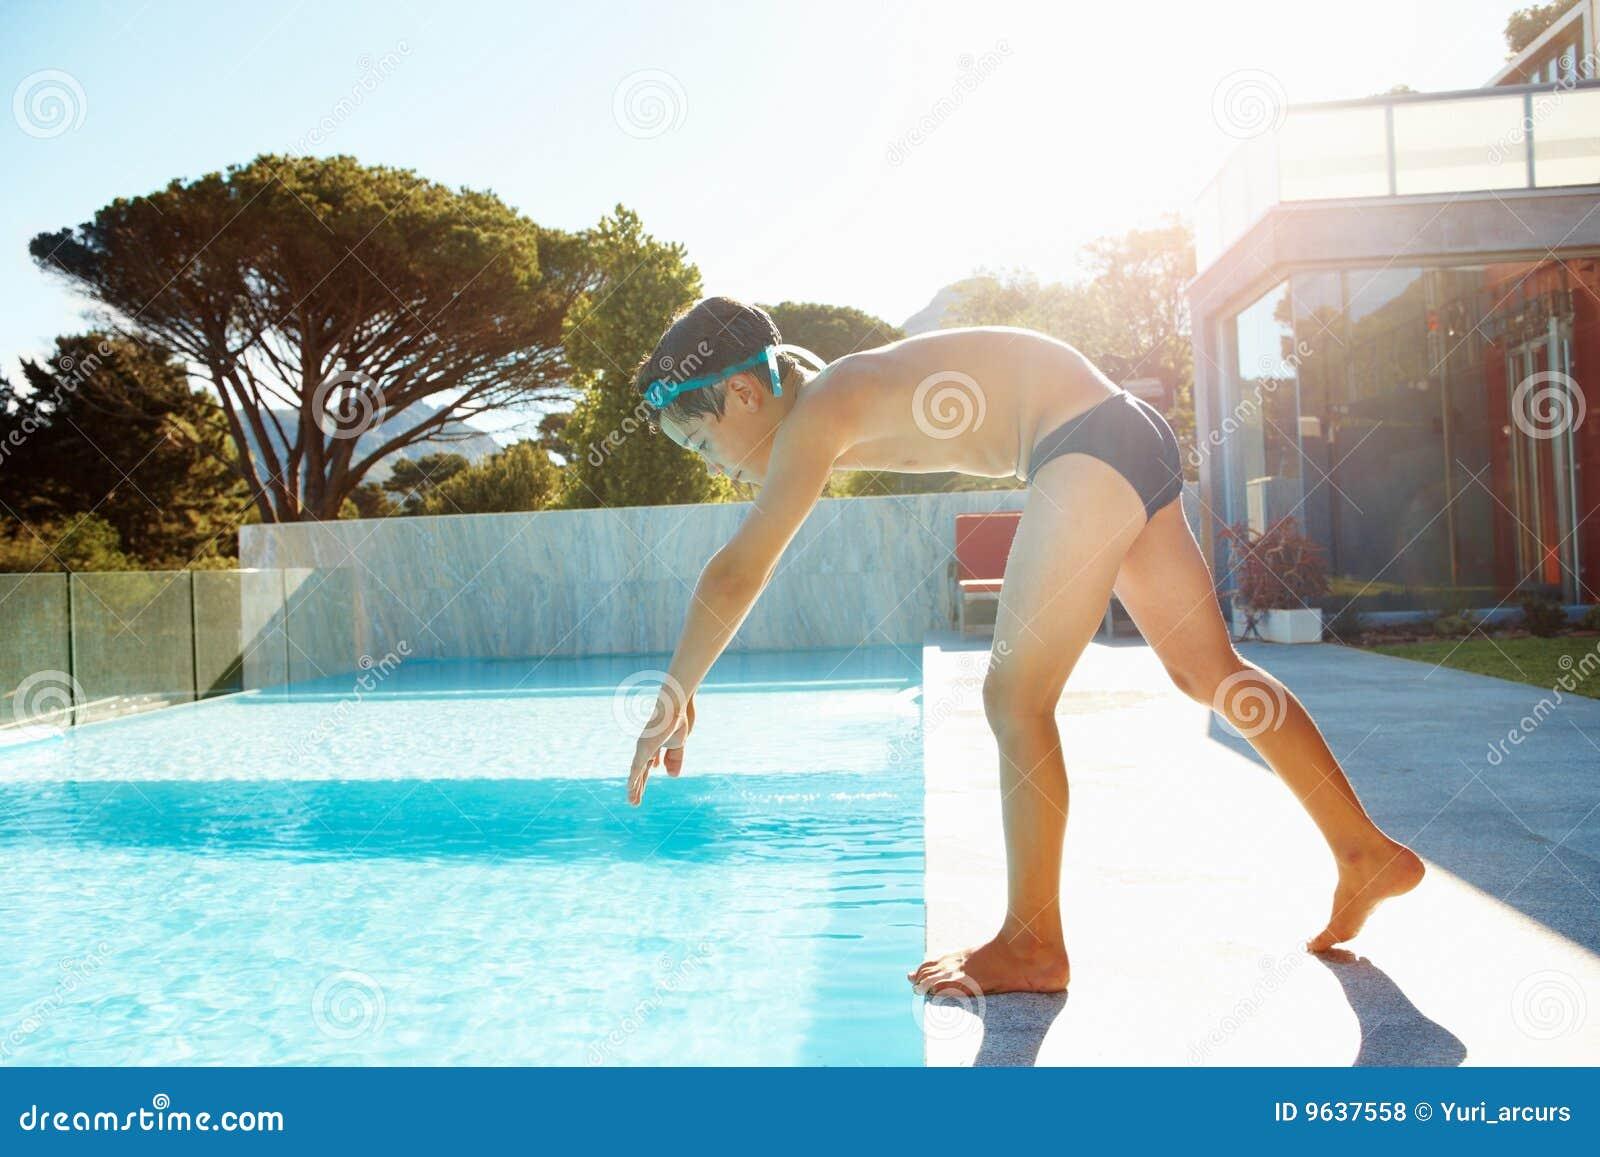 С мальчиком у бассейна 23 фотография